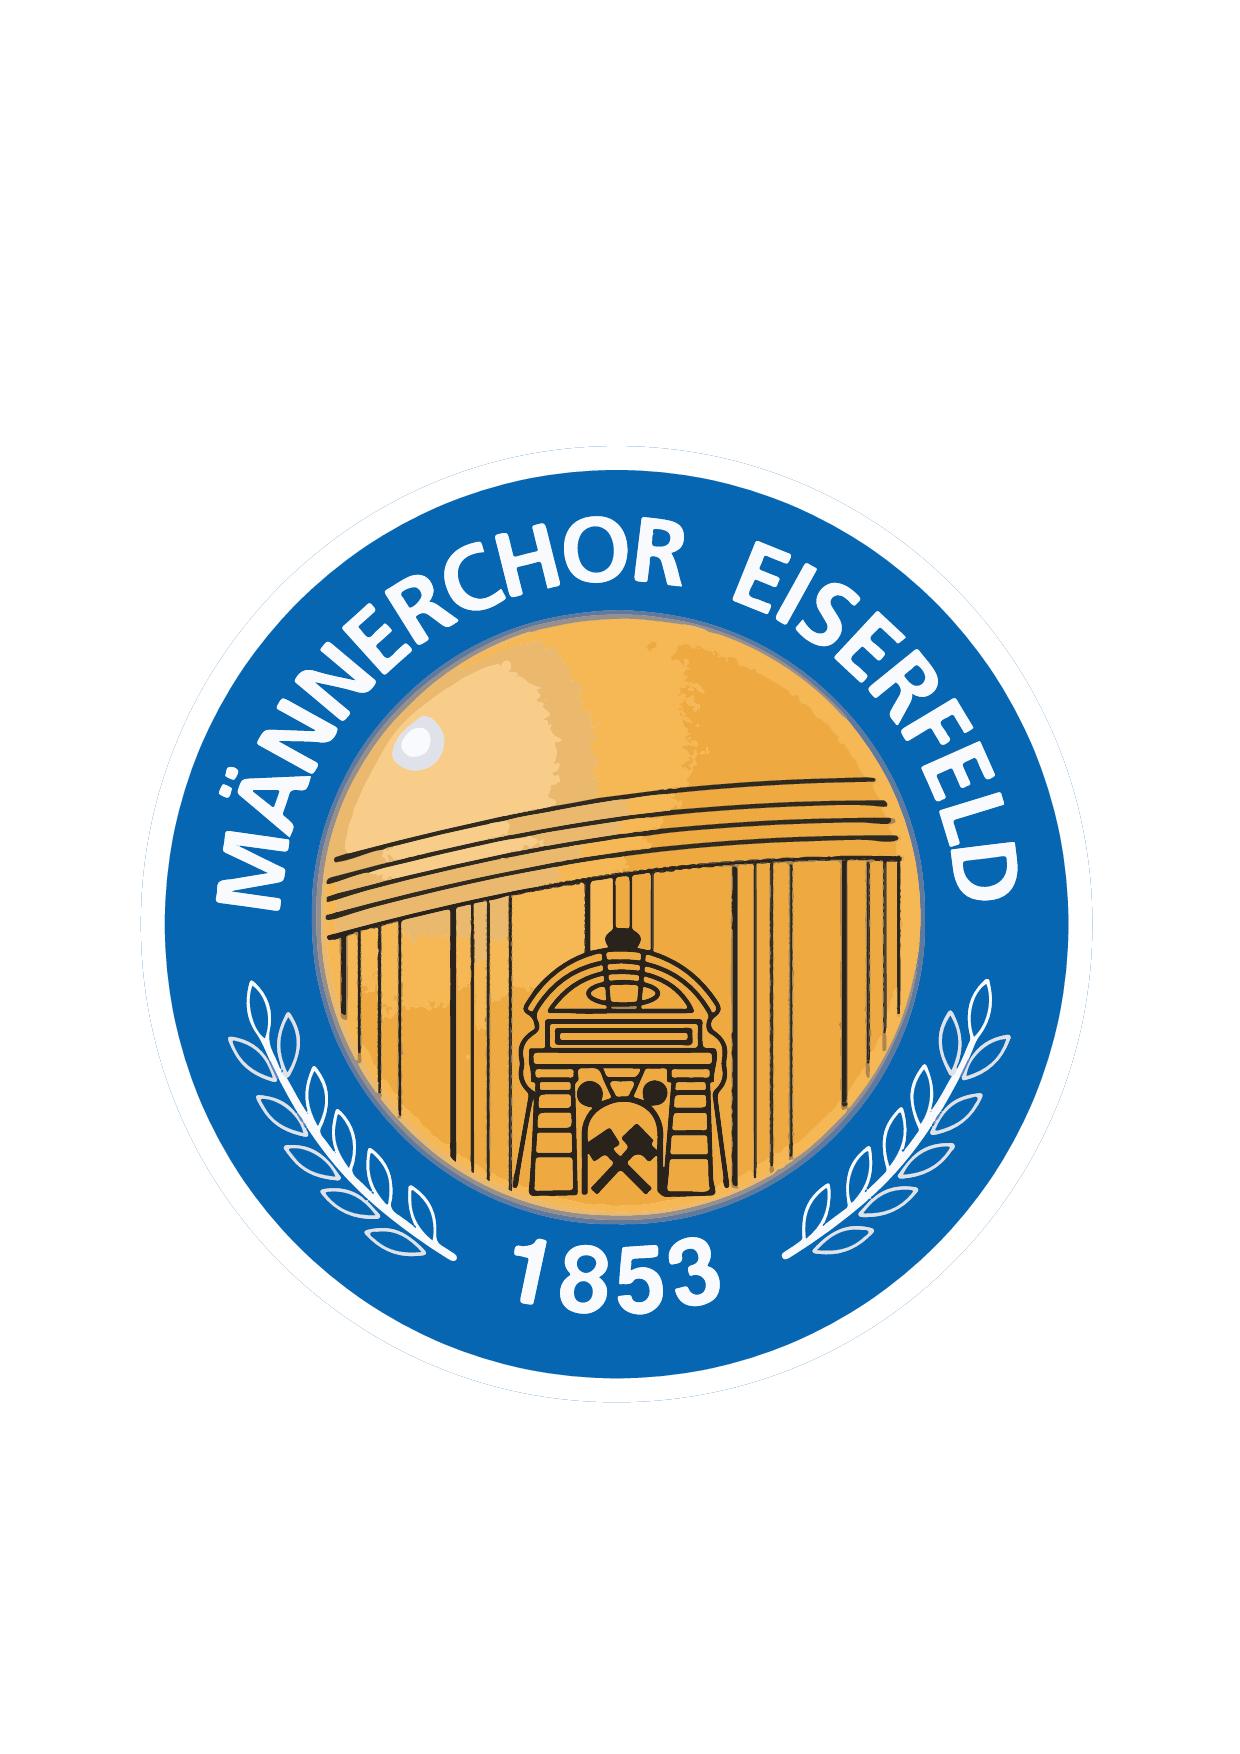 Logo_Maennerchor-7